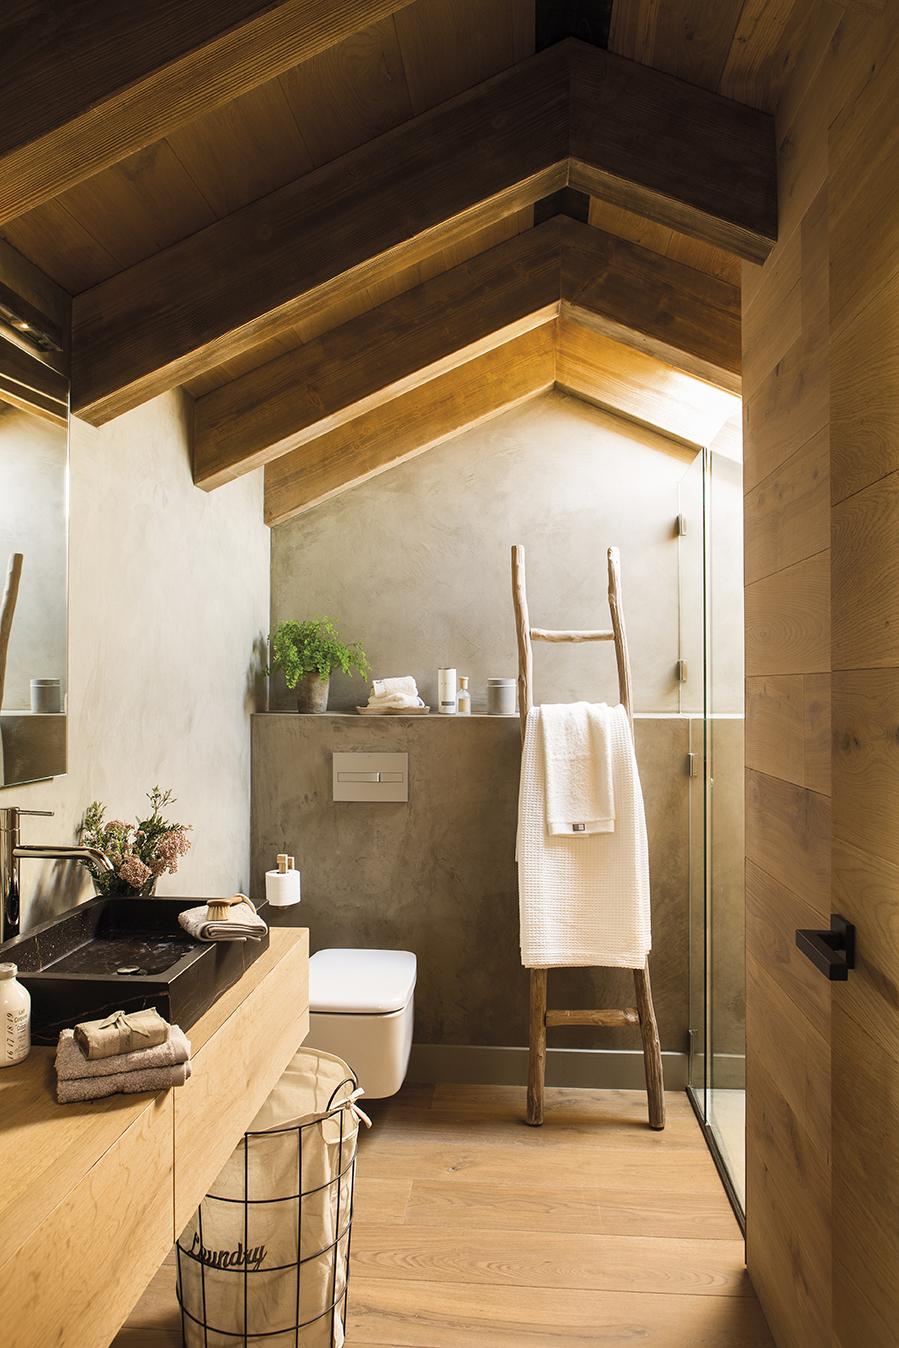 Baño Con Techo Abuhardillado, Madera Y Escalera A Modo De Toallero_444983.  Escalera Hacia El